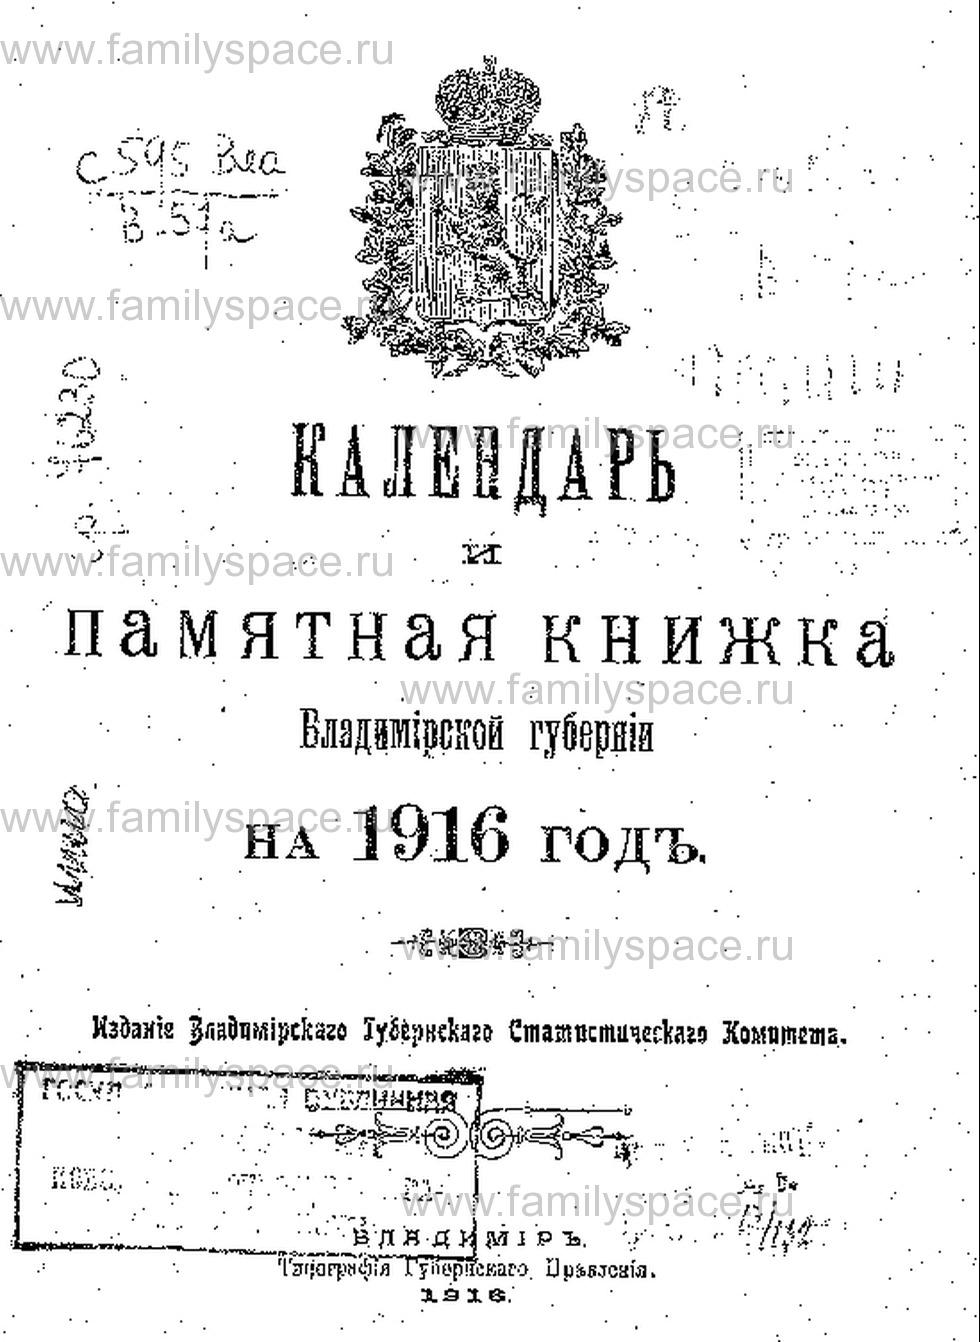 Поиск по фамилии - Календарь и памятная книжка Владимирской губернии на 1916 г, страница 1